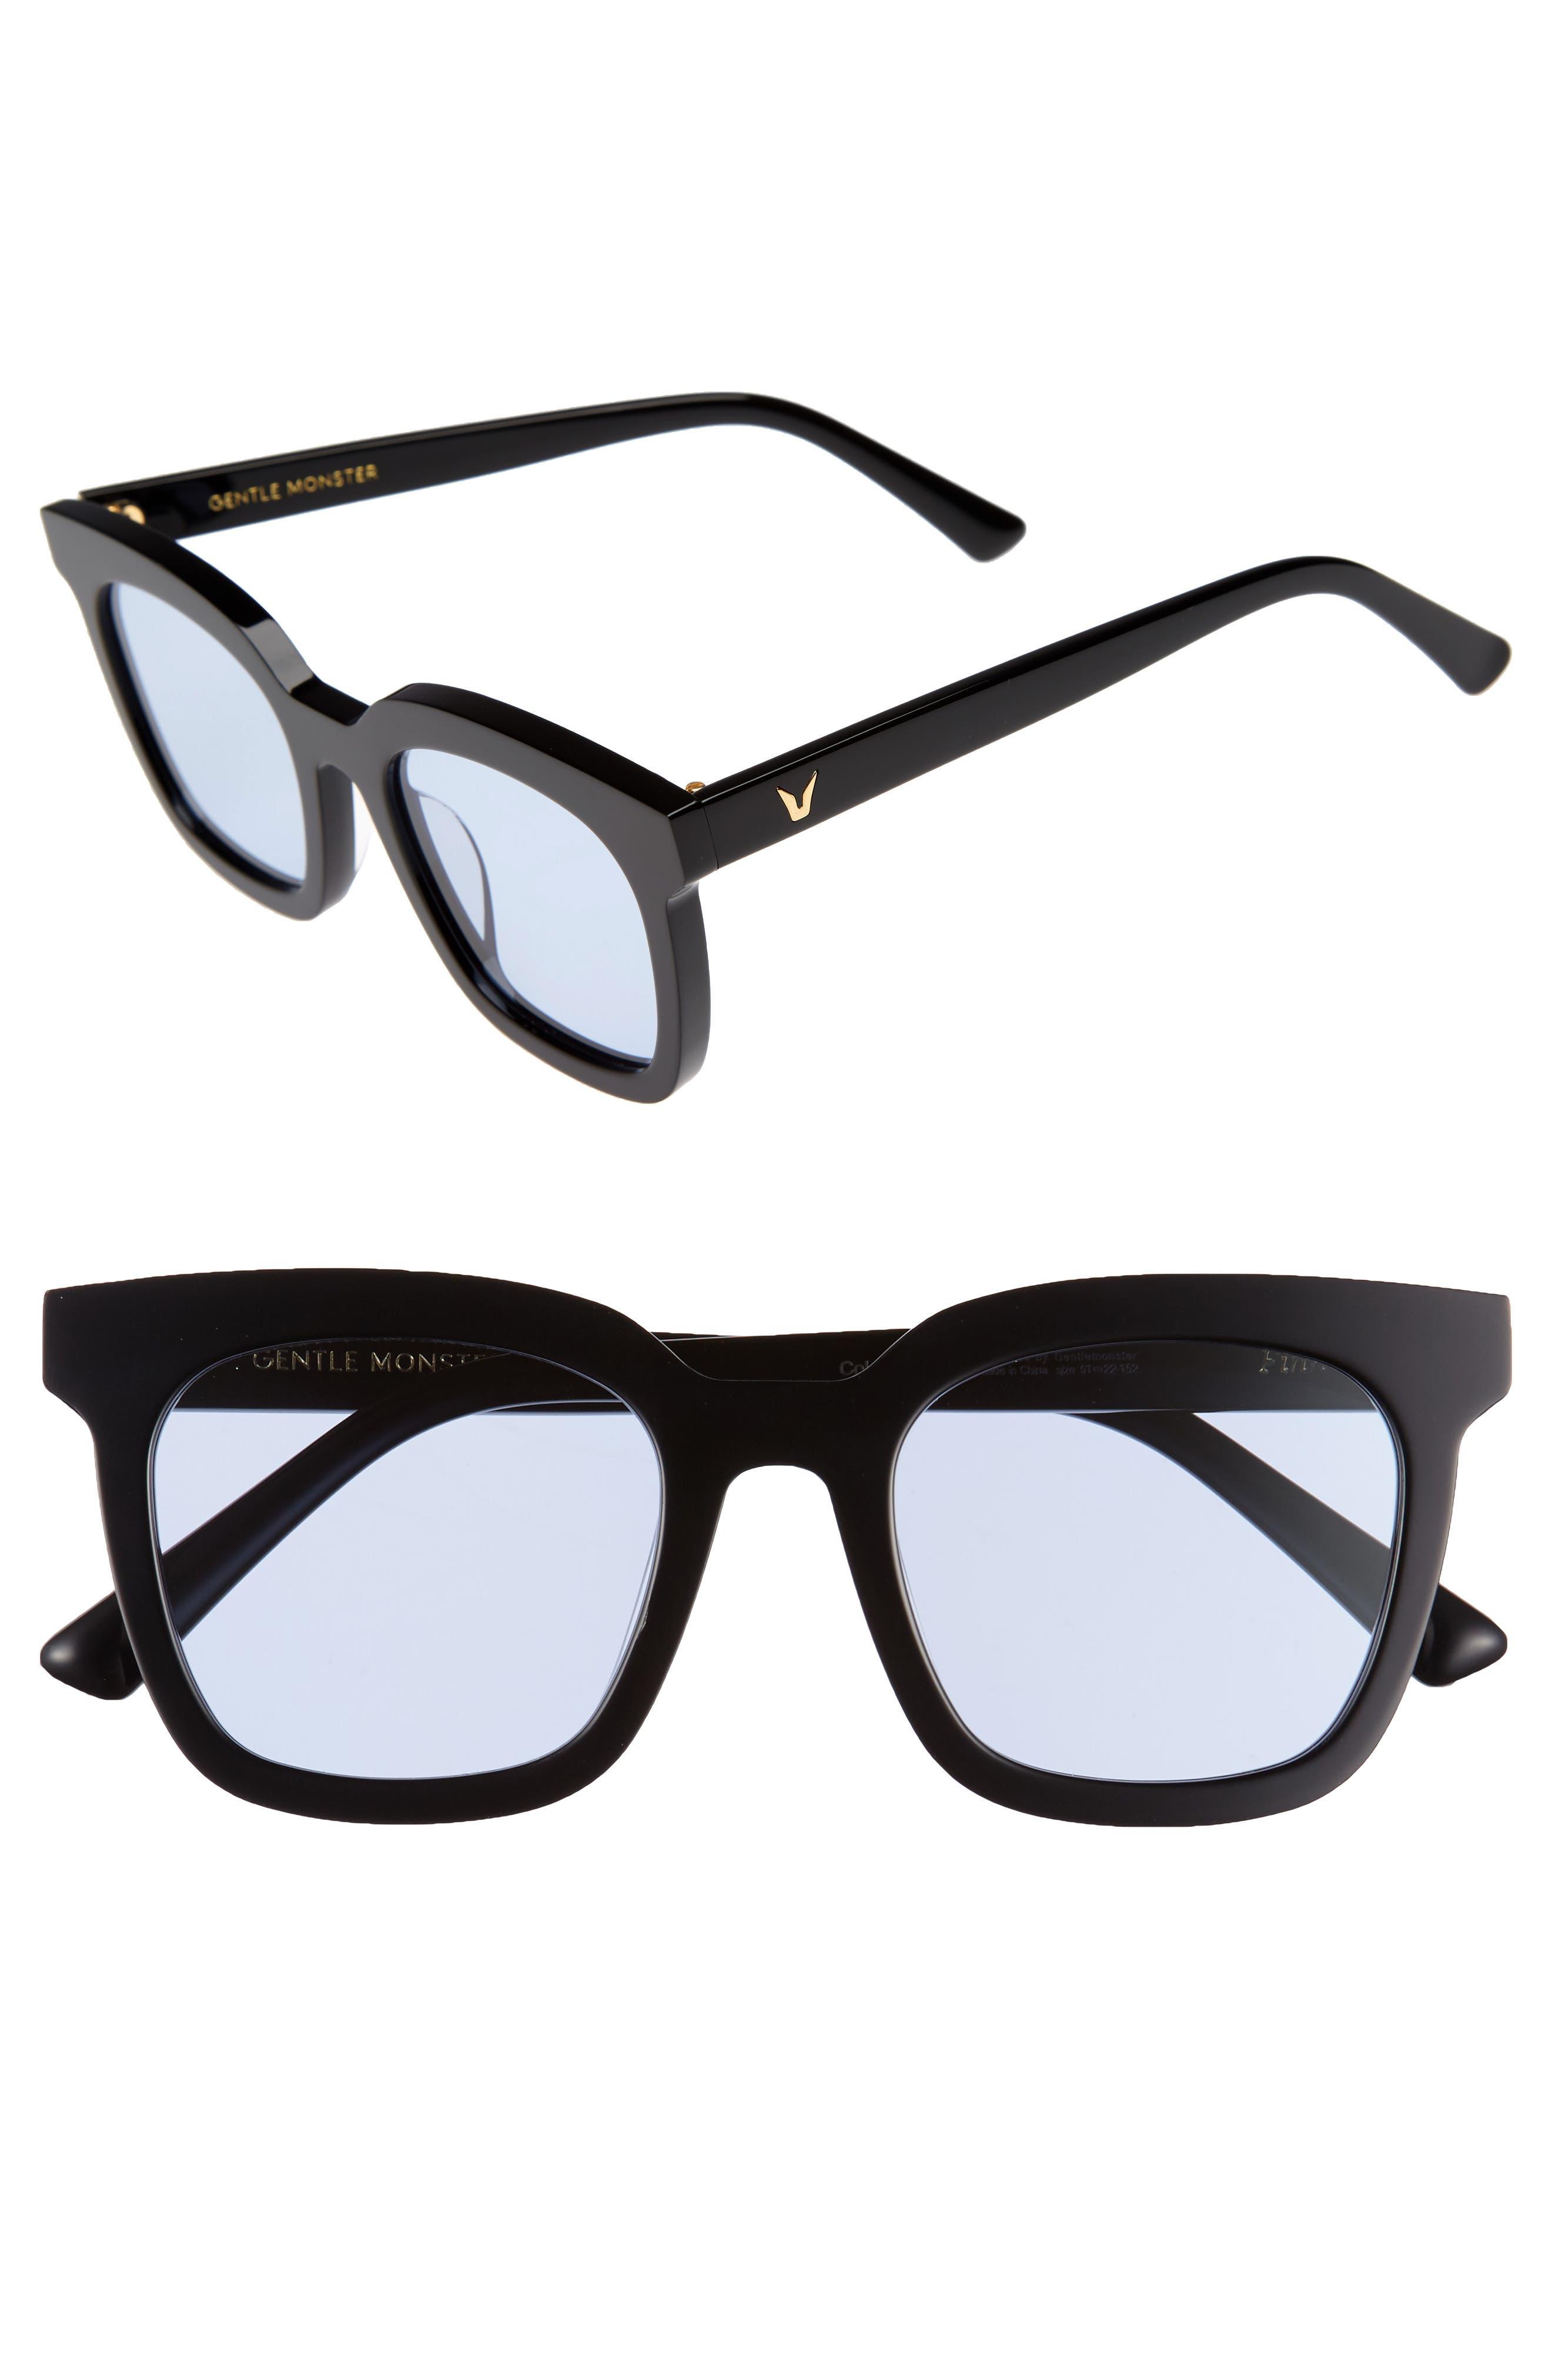 Main Image - Gentle Monster Finn 51mm Sunglasses